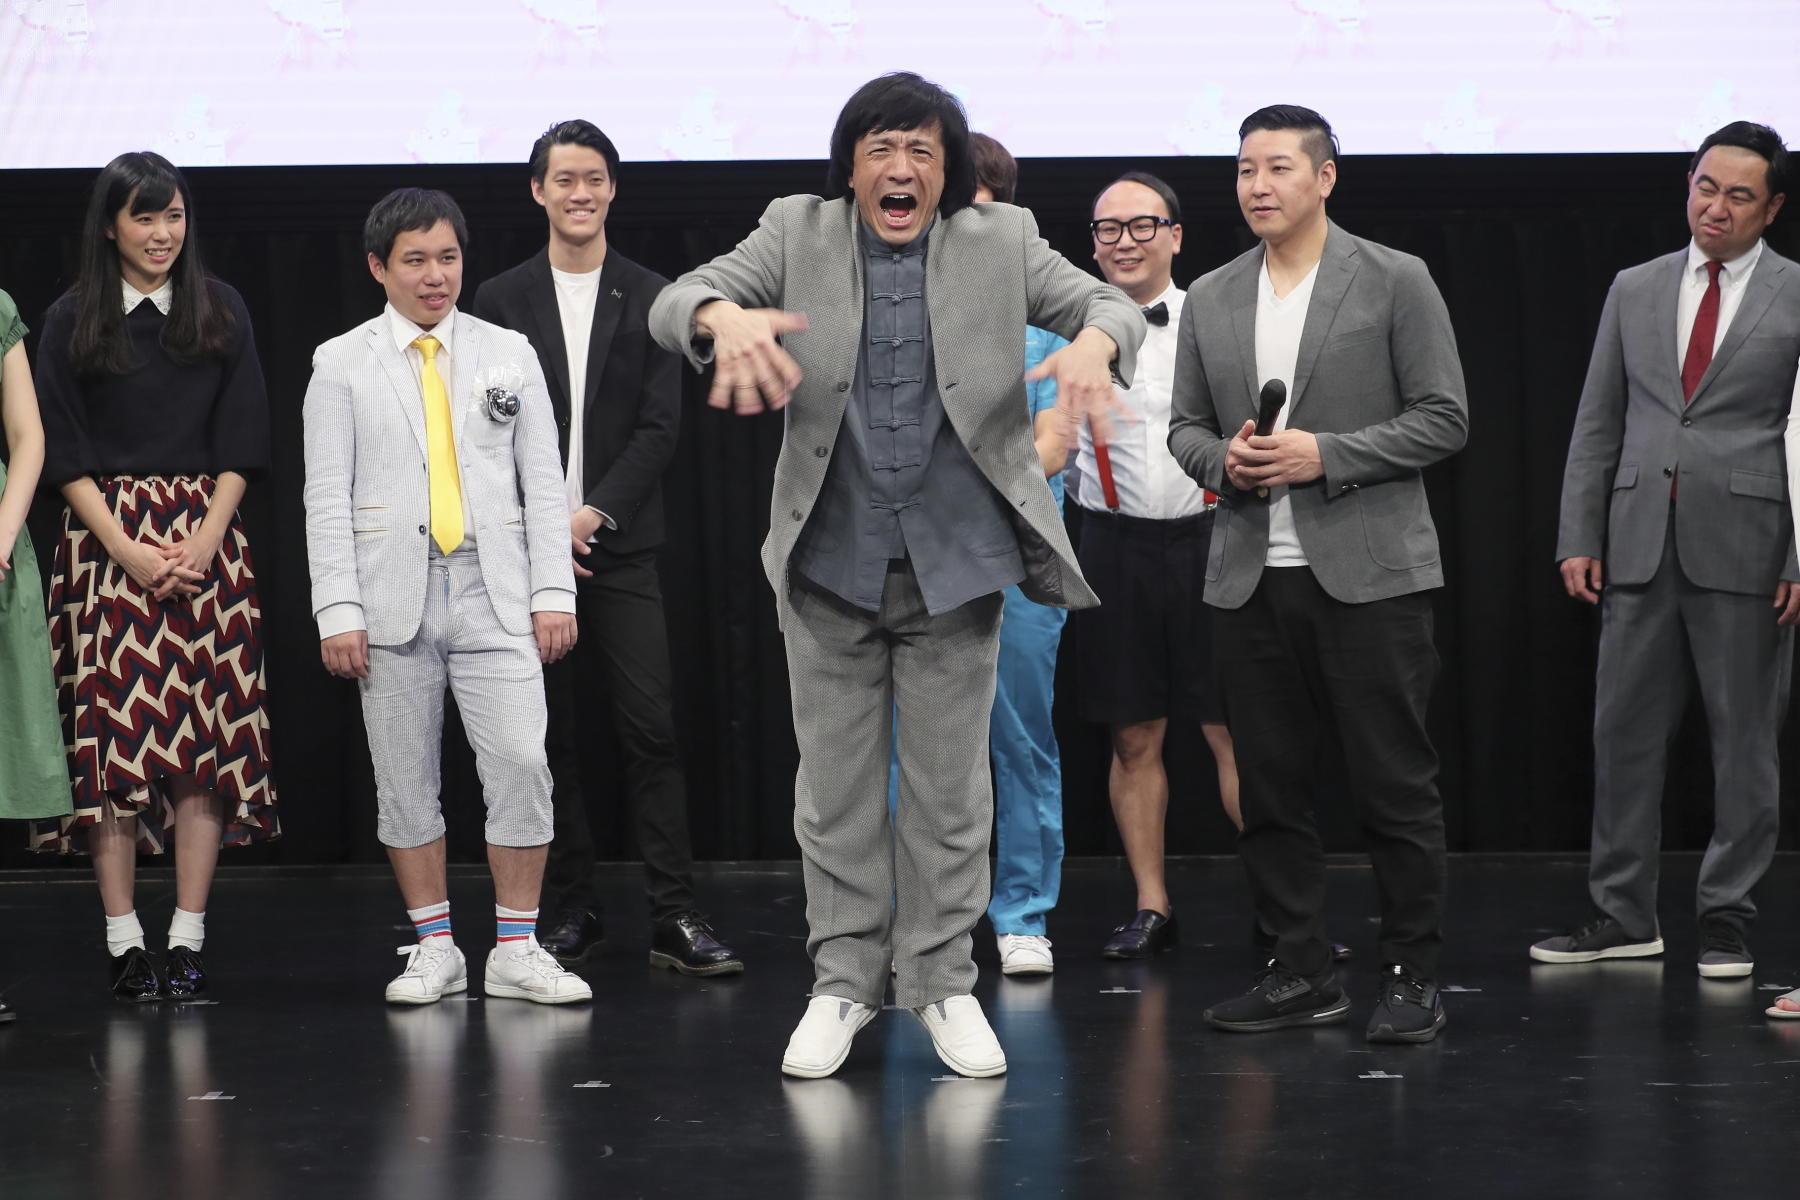 http://news.yoshimoto.co.jp/20181130142931-9220e8e1a60b4c2c2572047a94370ffcbd1aed01.jpg